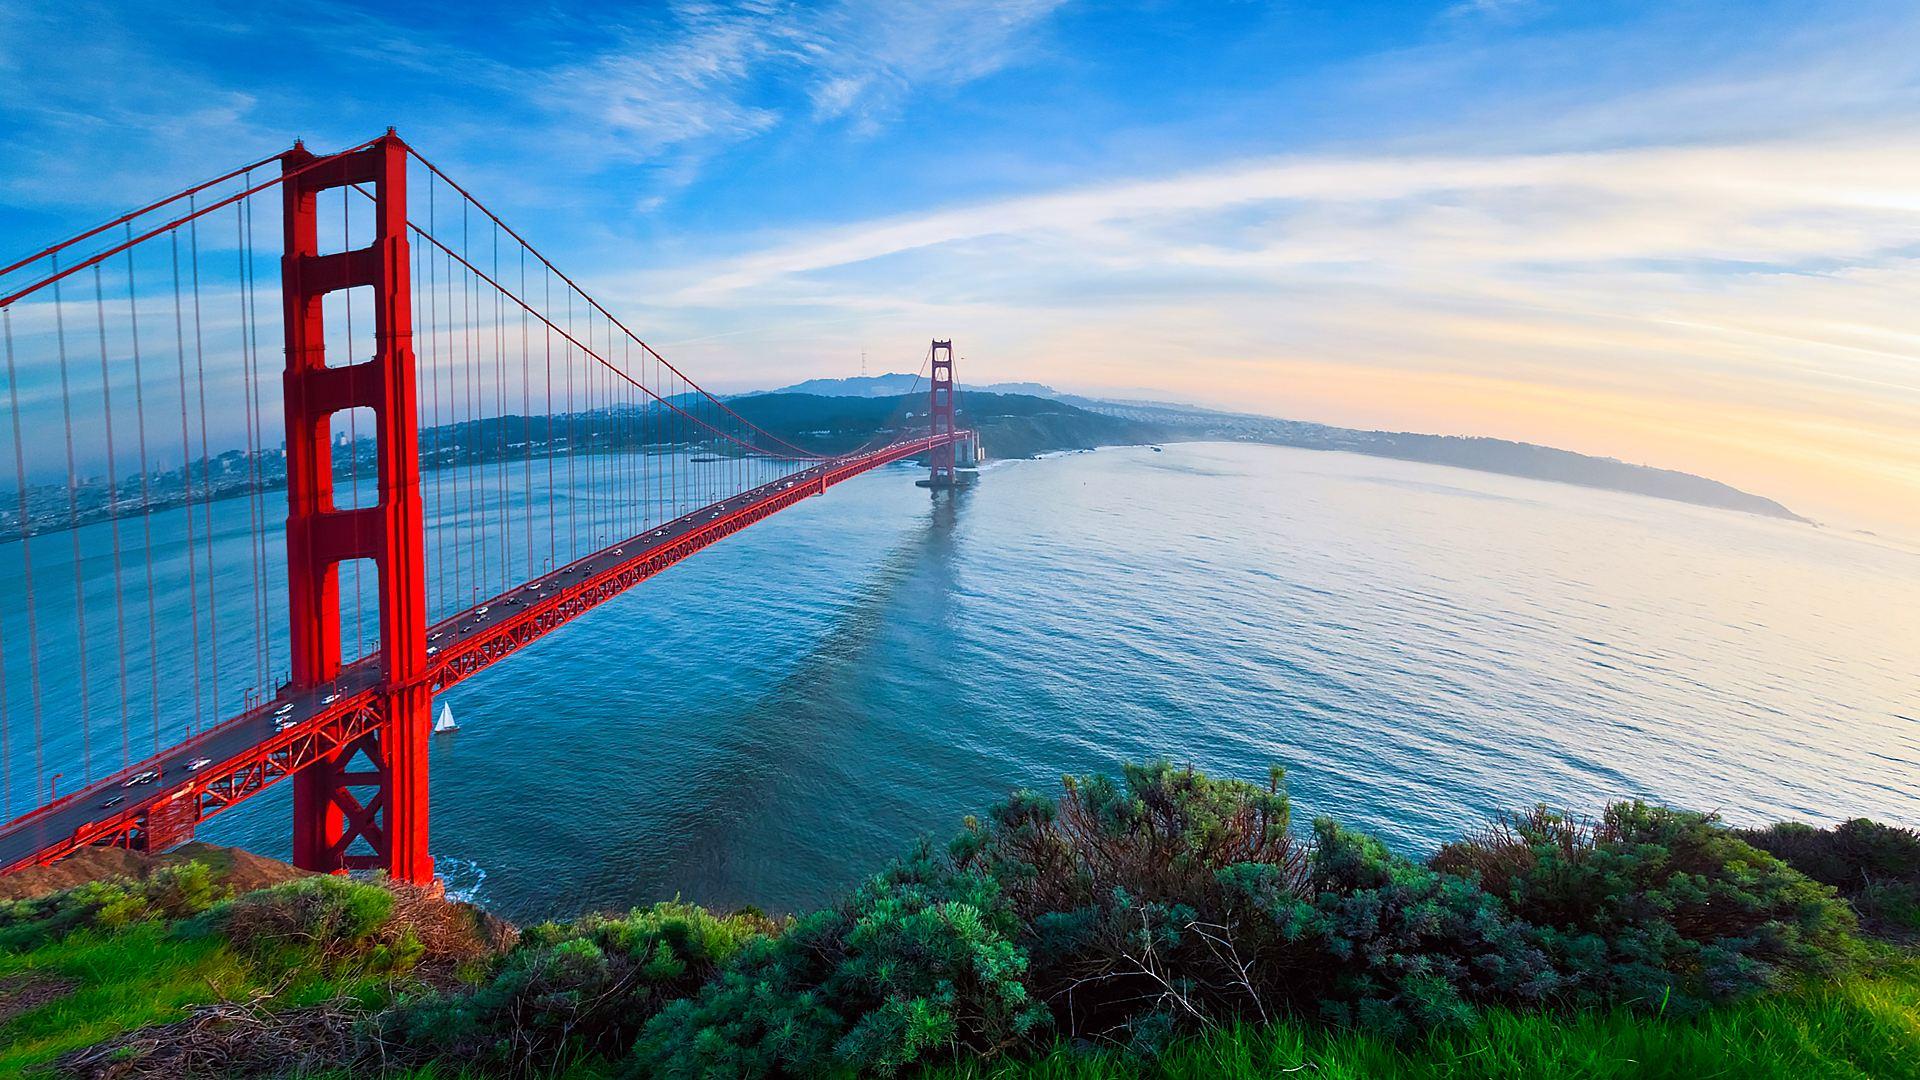 美国东西海岸旧金山一号公路+夏威夷13晚15日游(MU直飞,一号公路,圣地亚哥,卡梅尔,小环岛等)